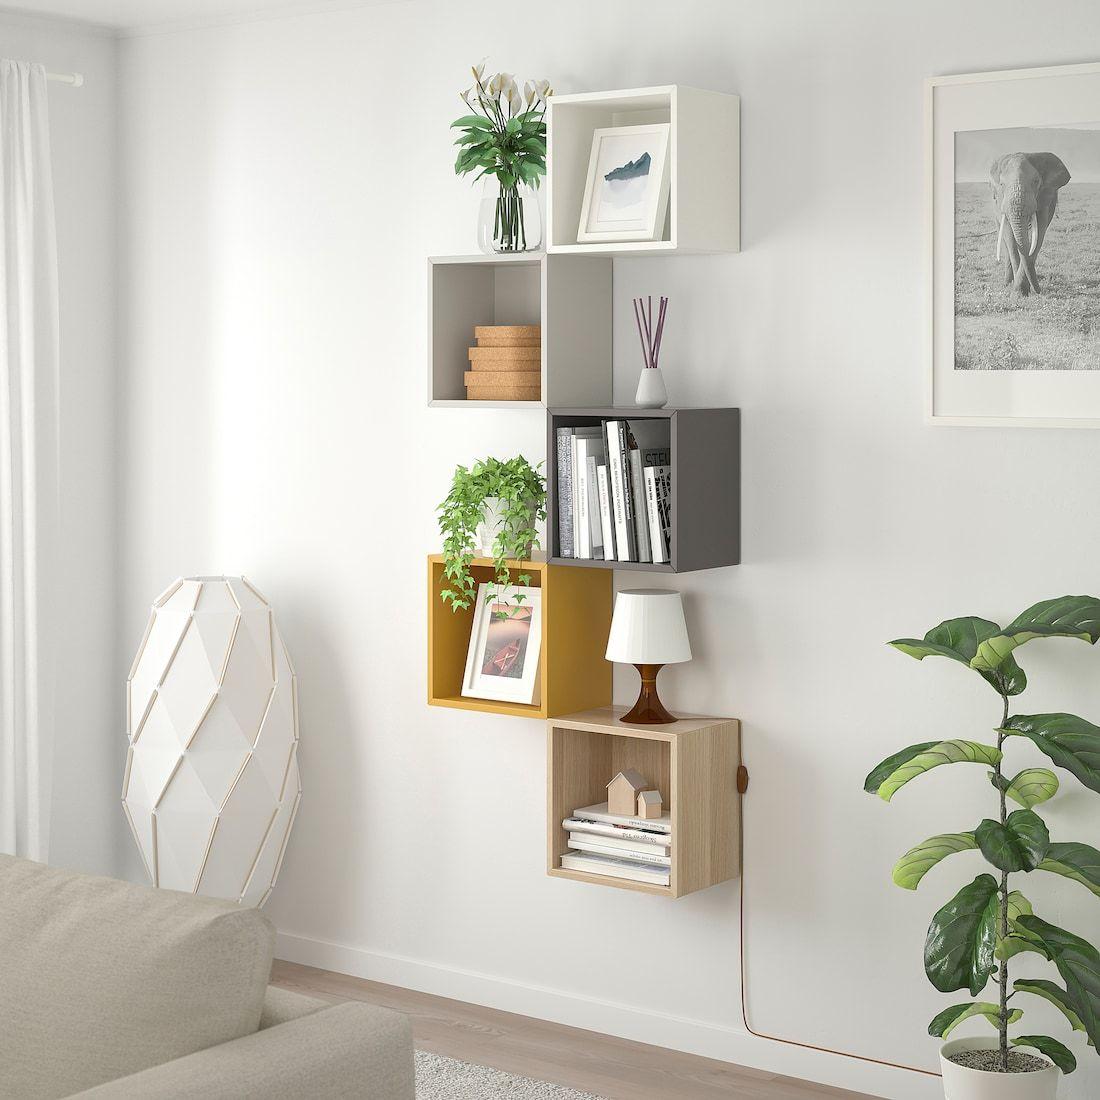 Libreria Da Parete Ikea eket combinazione di mobili da parete - multicolore 1 nel